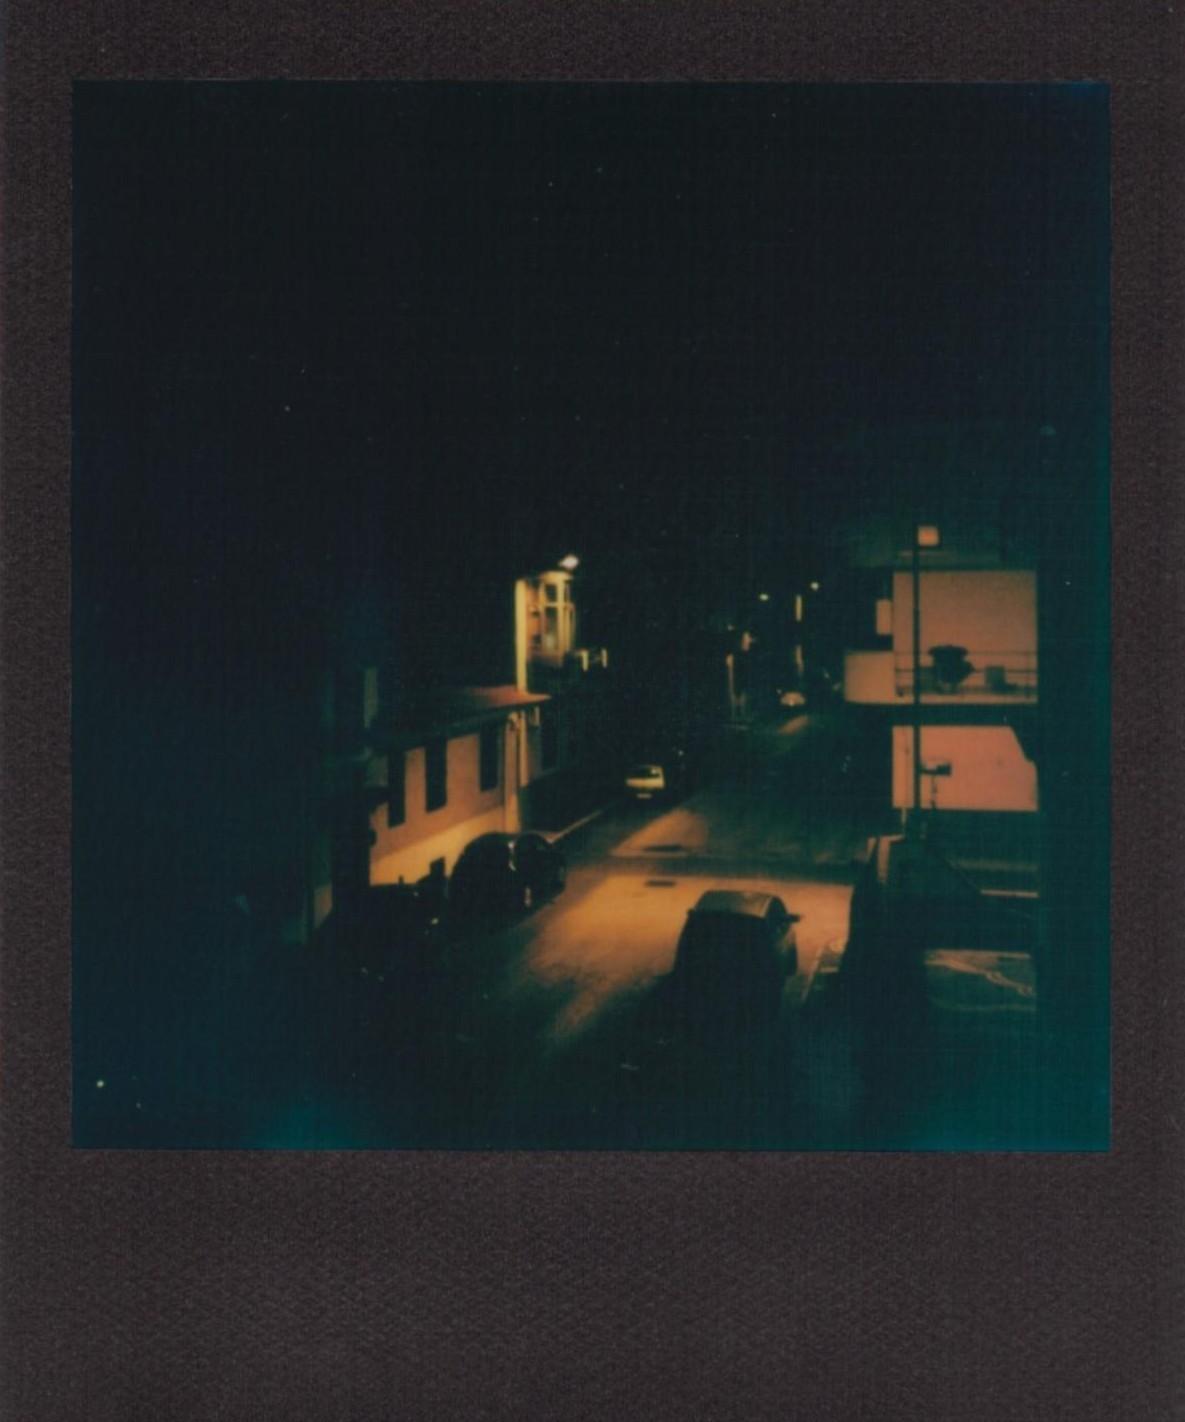 «Поздней ночью». Фотограф eggske11